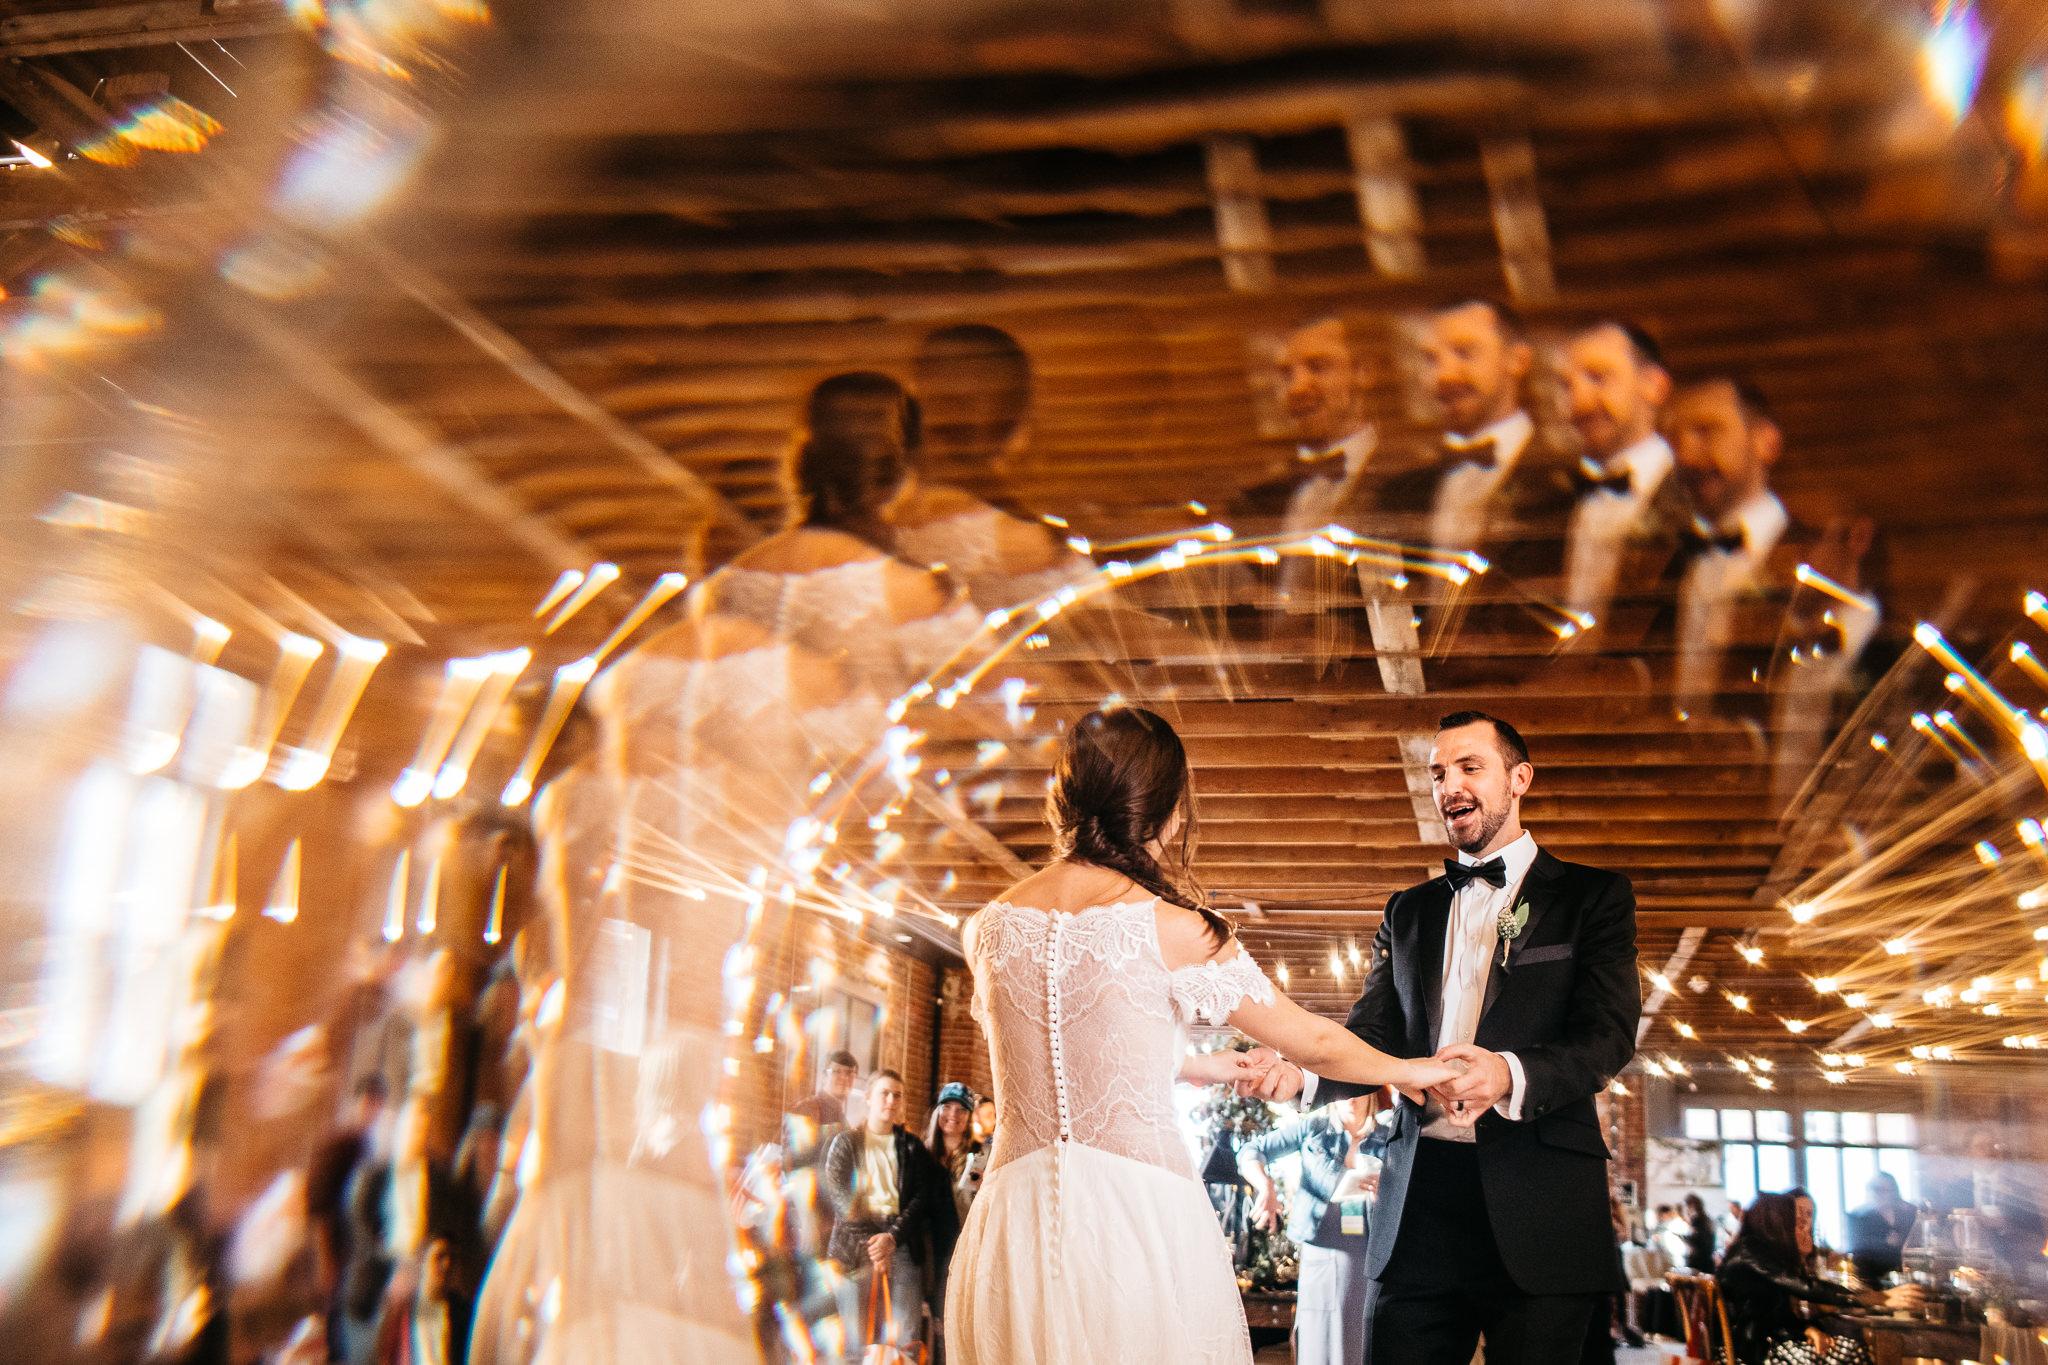 The-St-Vrain-Wedding-Photos-12.JPG